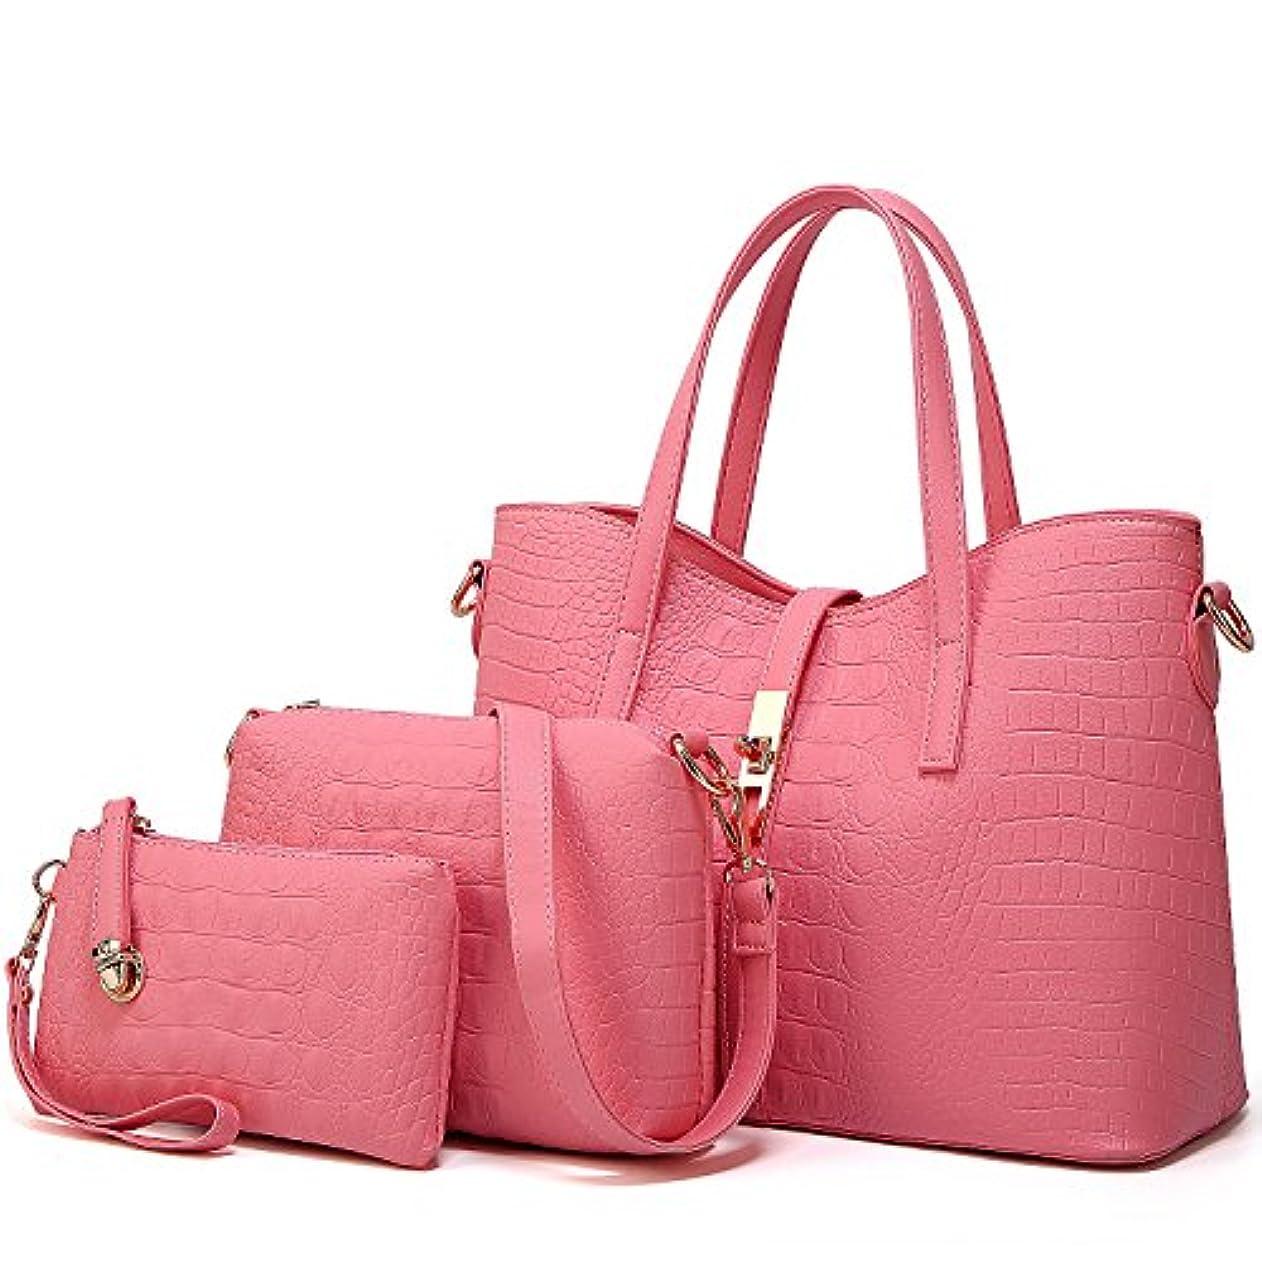 夢商品かりて[TcIFE] ハンドバッグ レディース トートバッグ 大容量 無地 ショルダーバッグ 2way 財布とハンドバッグ